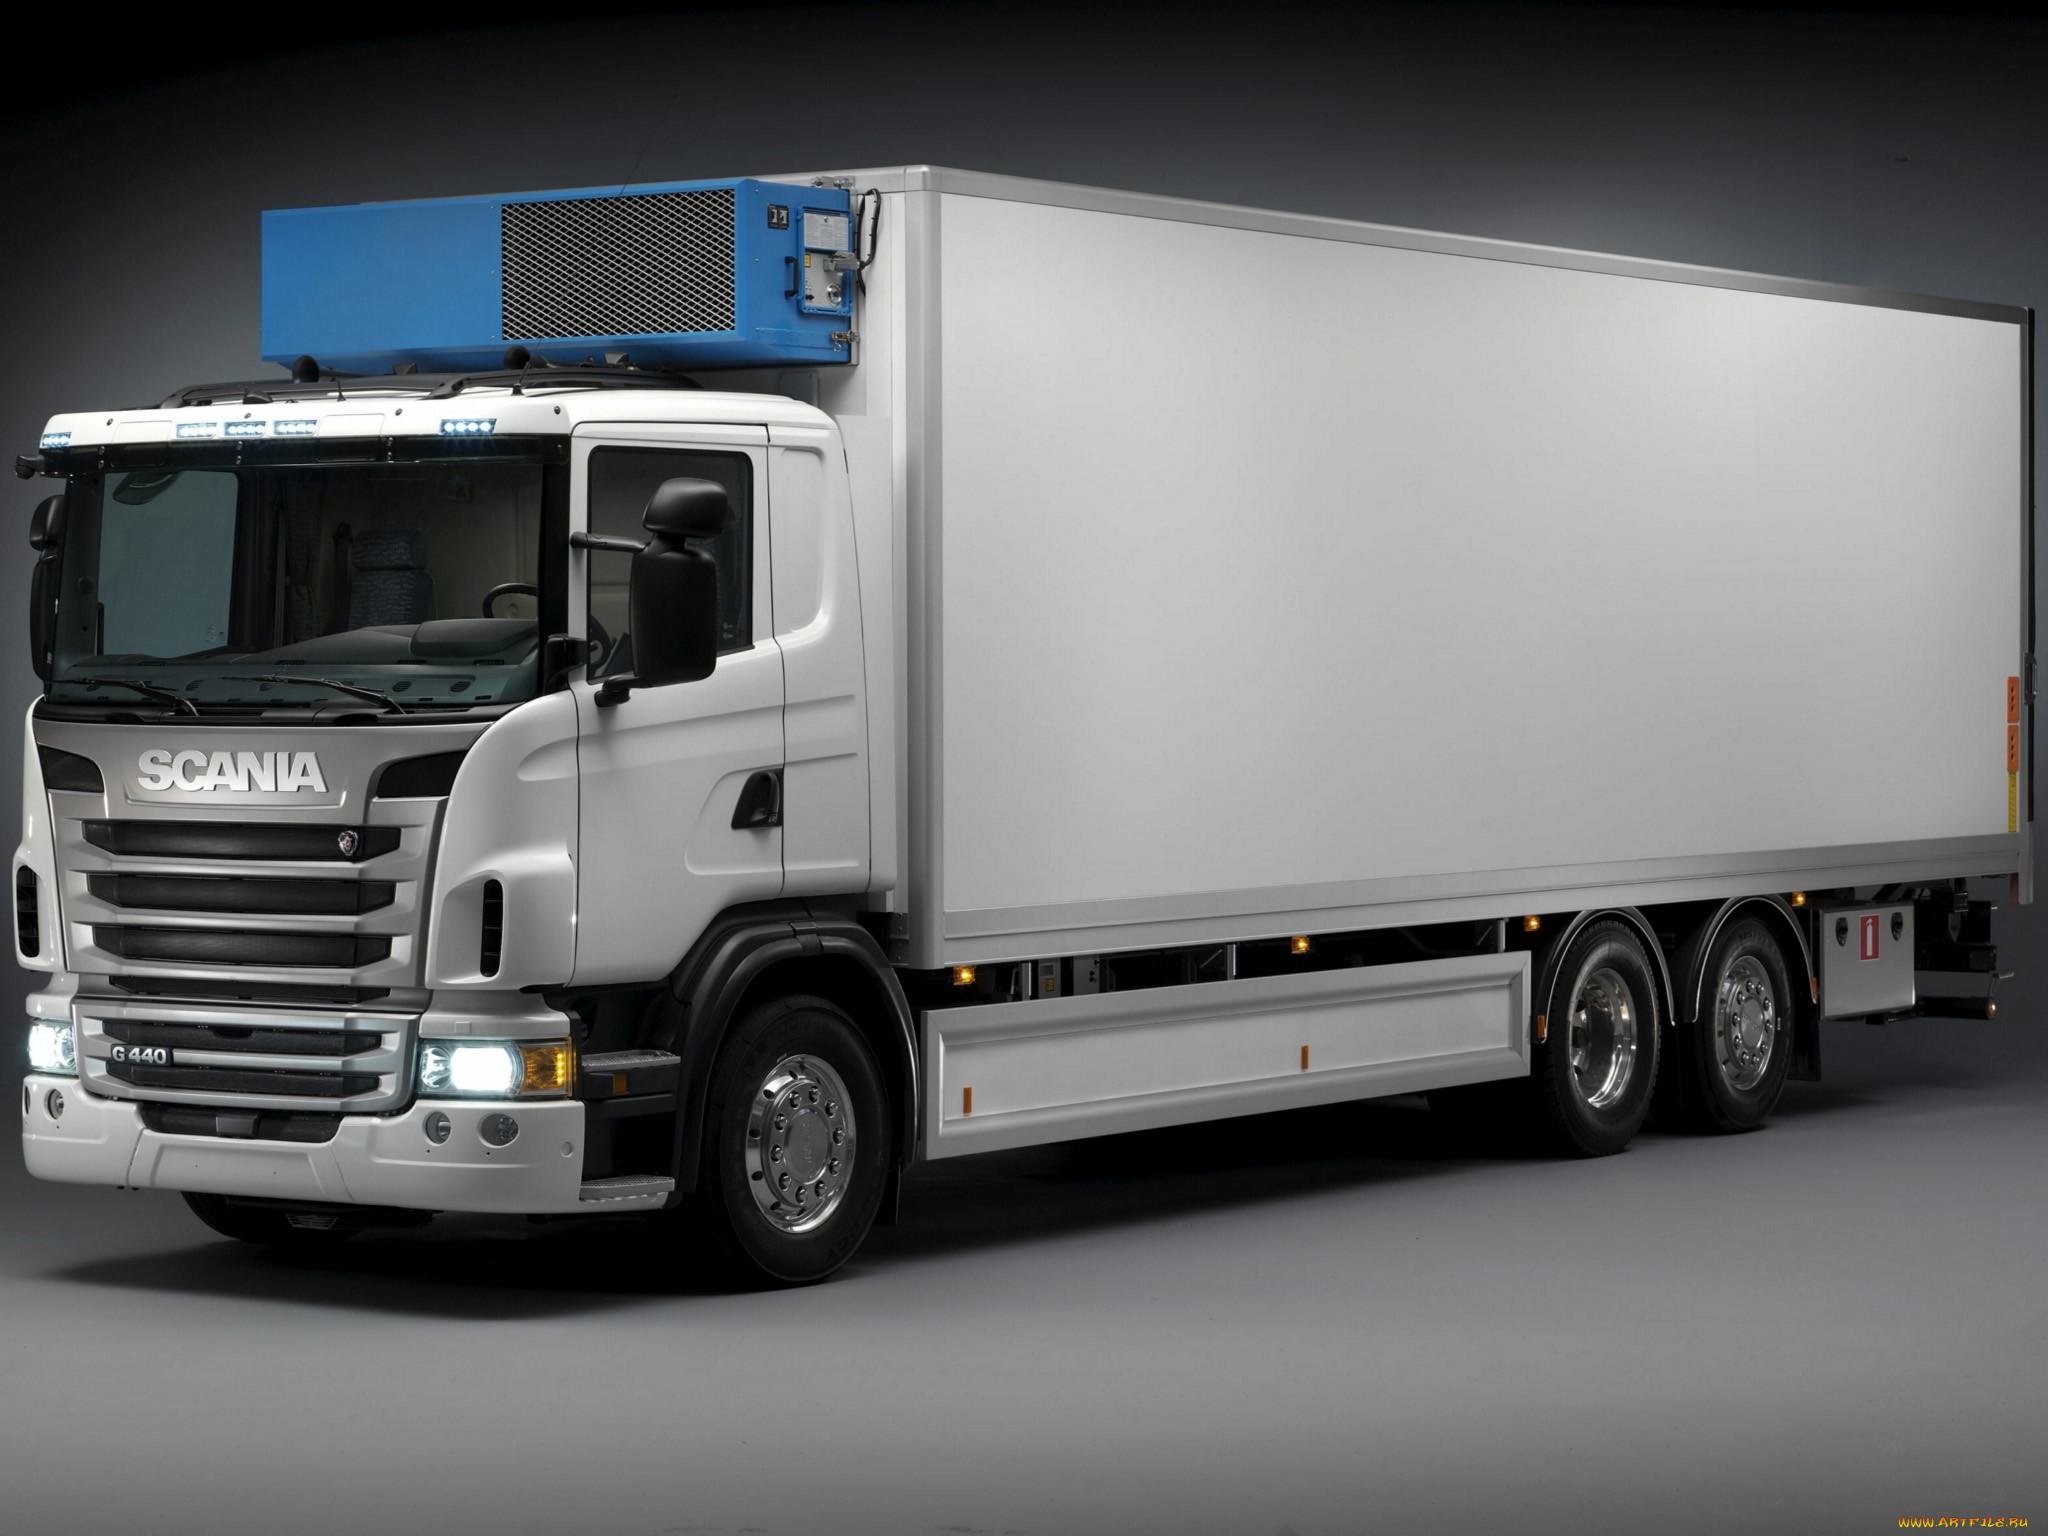 картинки грузовых авто в профиль самом деле, это